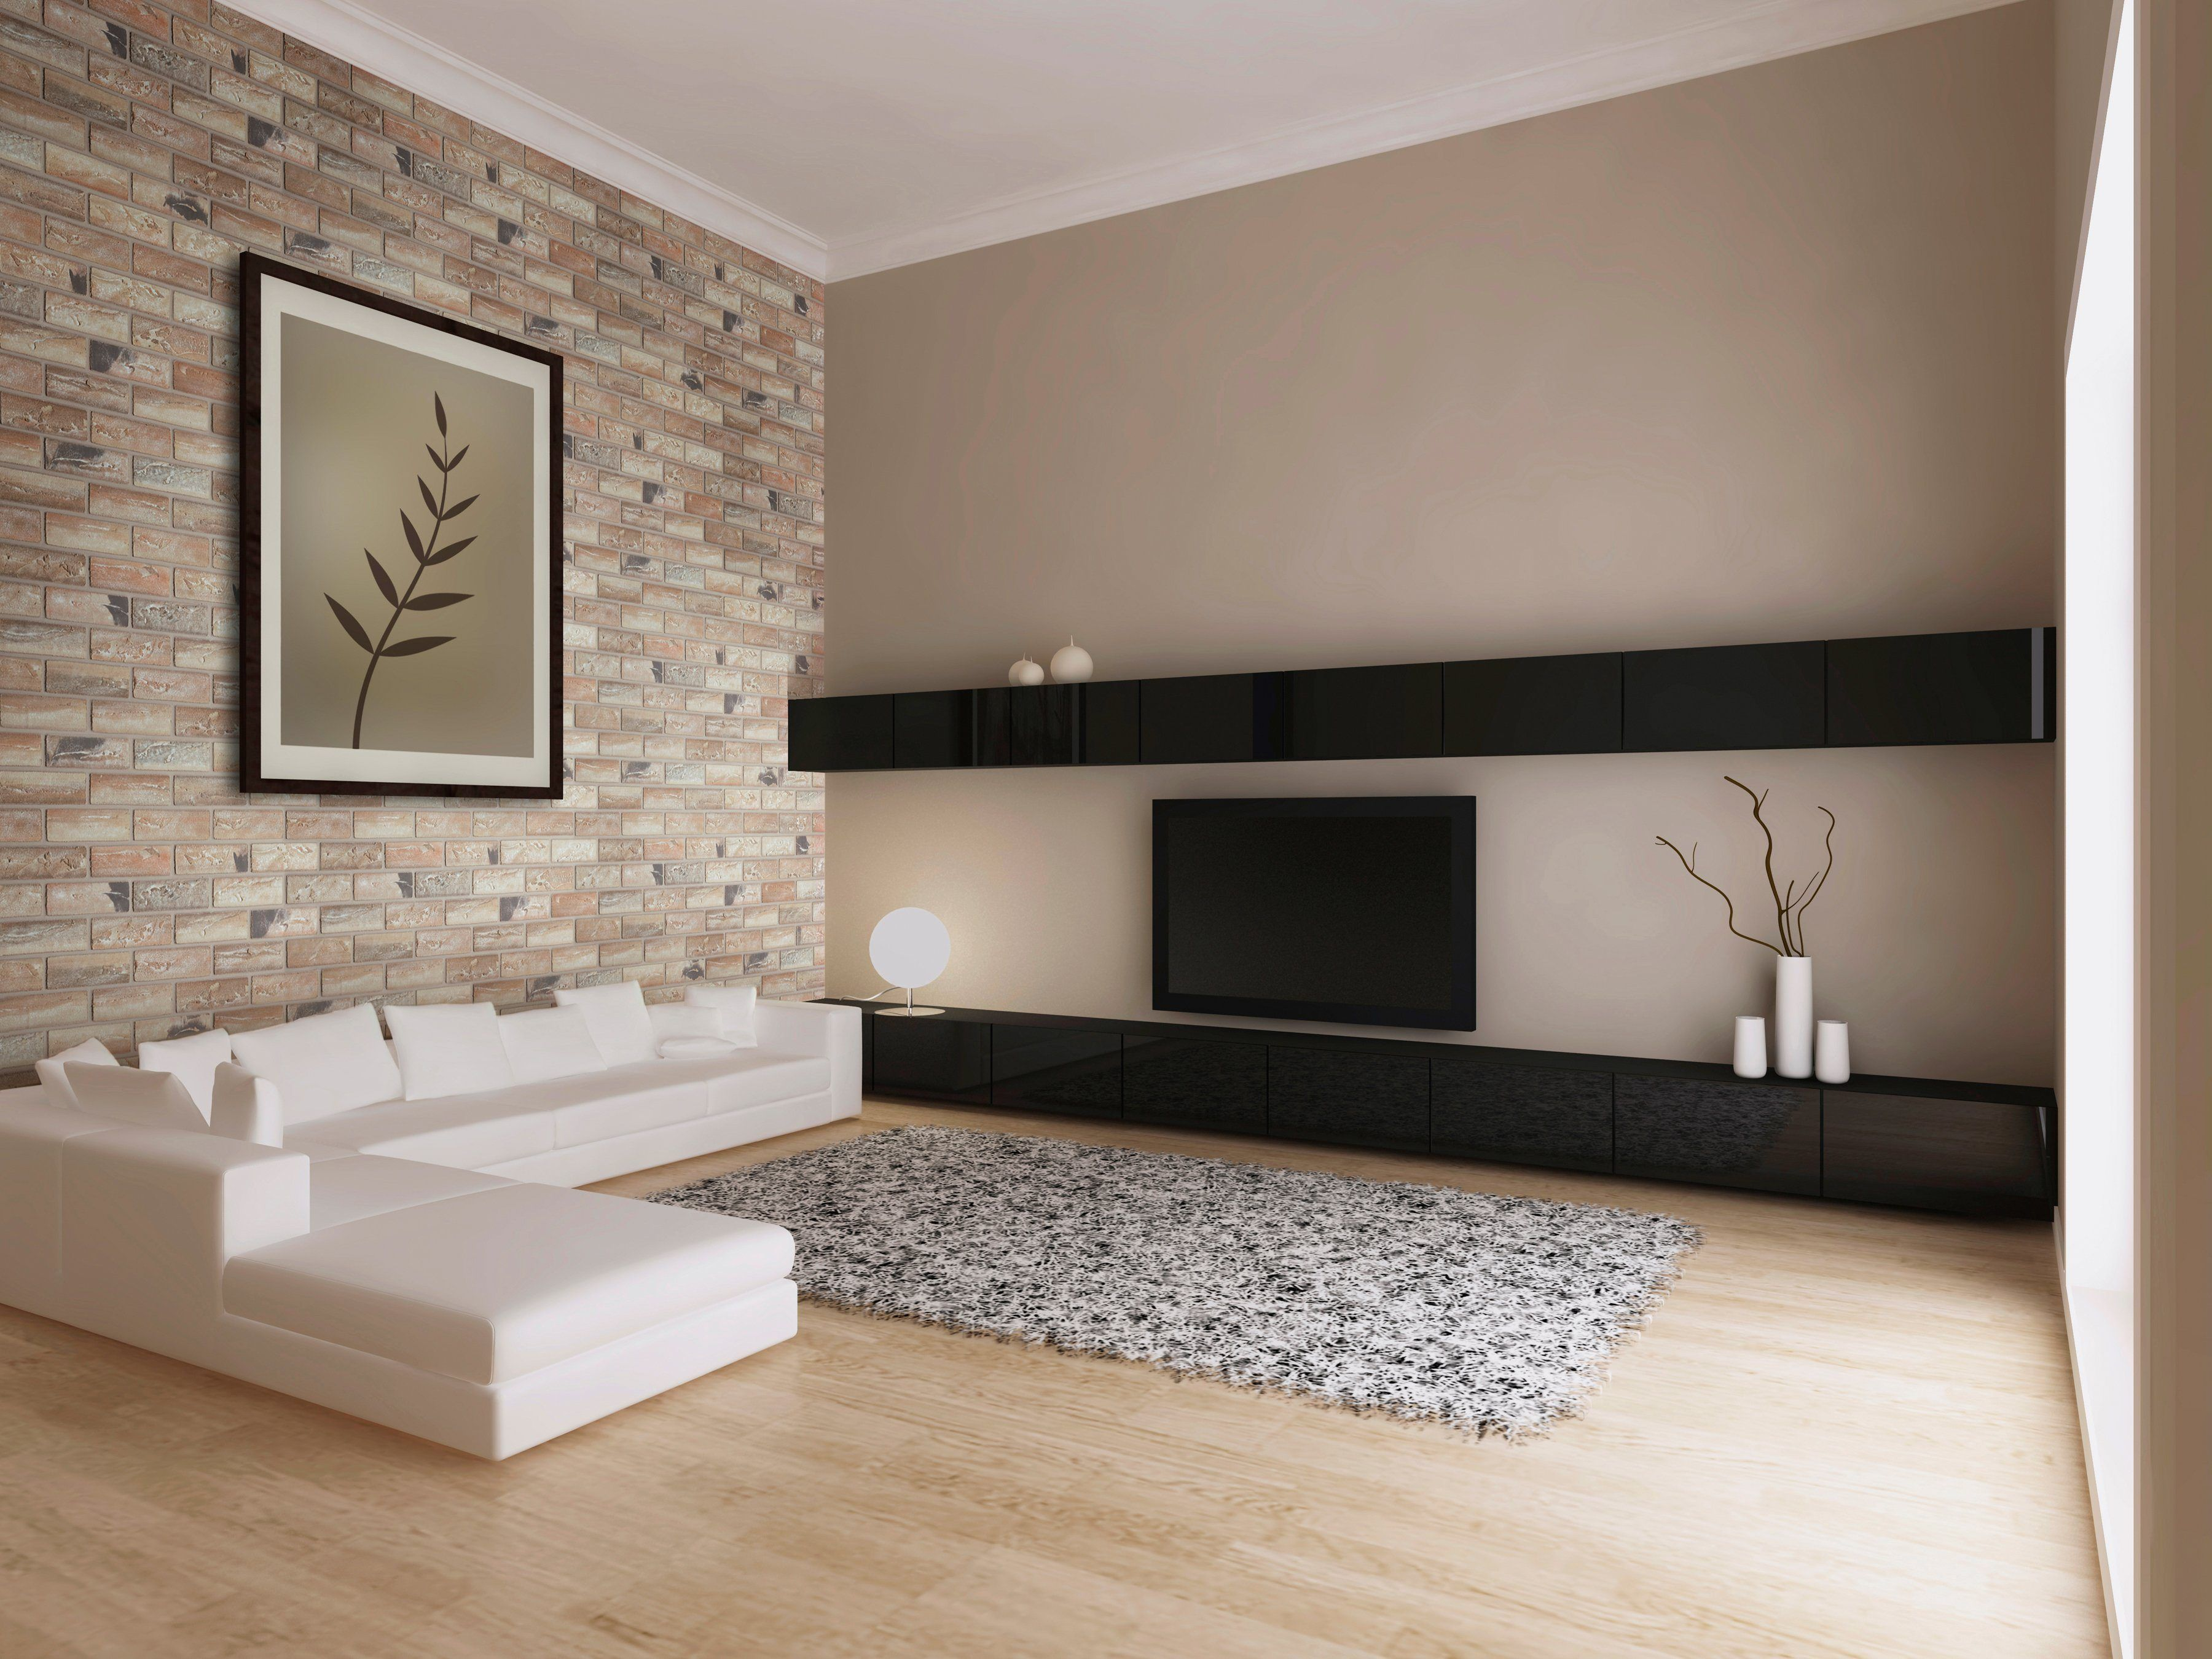 Elastolith Verblender Corsica Spar Set Dunkelbraun Für Außen Und Innenbereich 5 M² Wohnung Gestalten Wohnzimmer Ideen Wohnung Wohnung Wohnzimmer